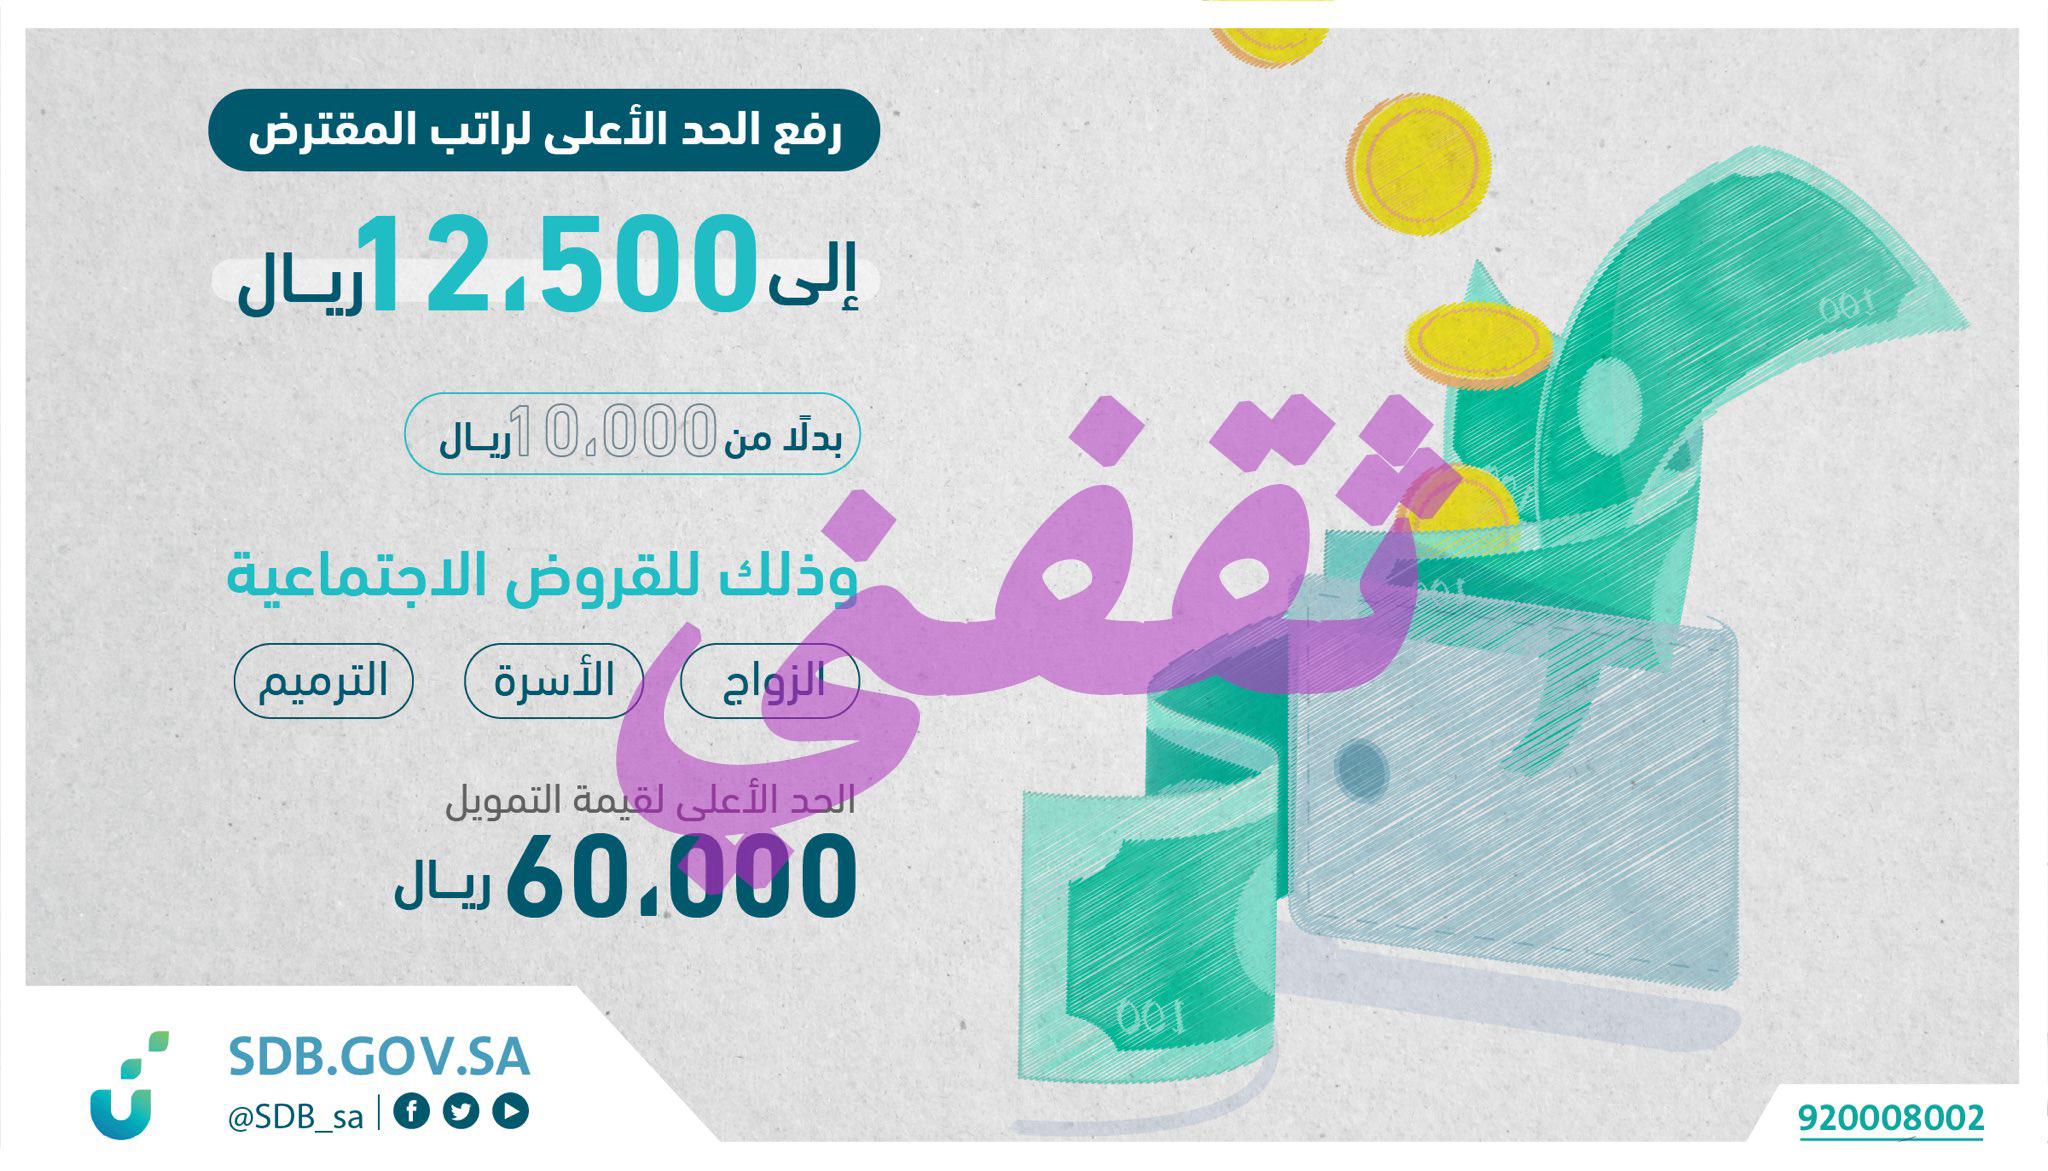 شروط قرض الضمان الاجتماعي في السعودية 1442 وتعديل حد الراتب للمقترض ثقفني